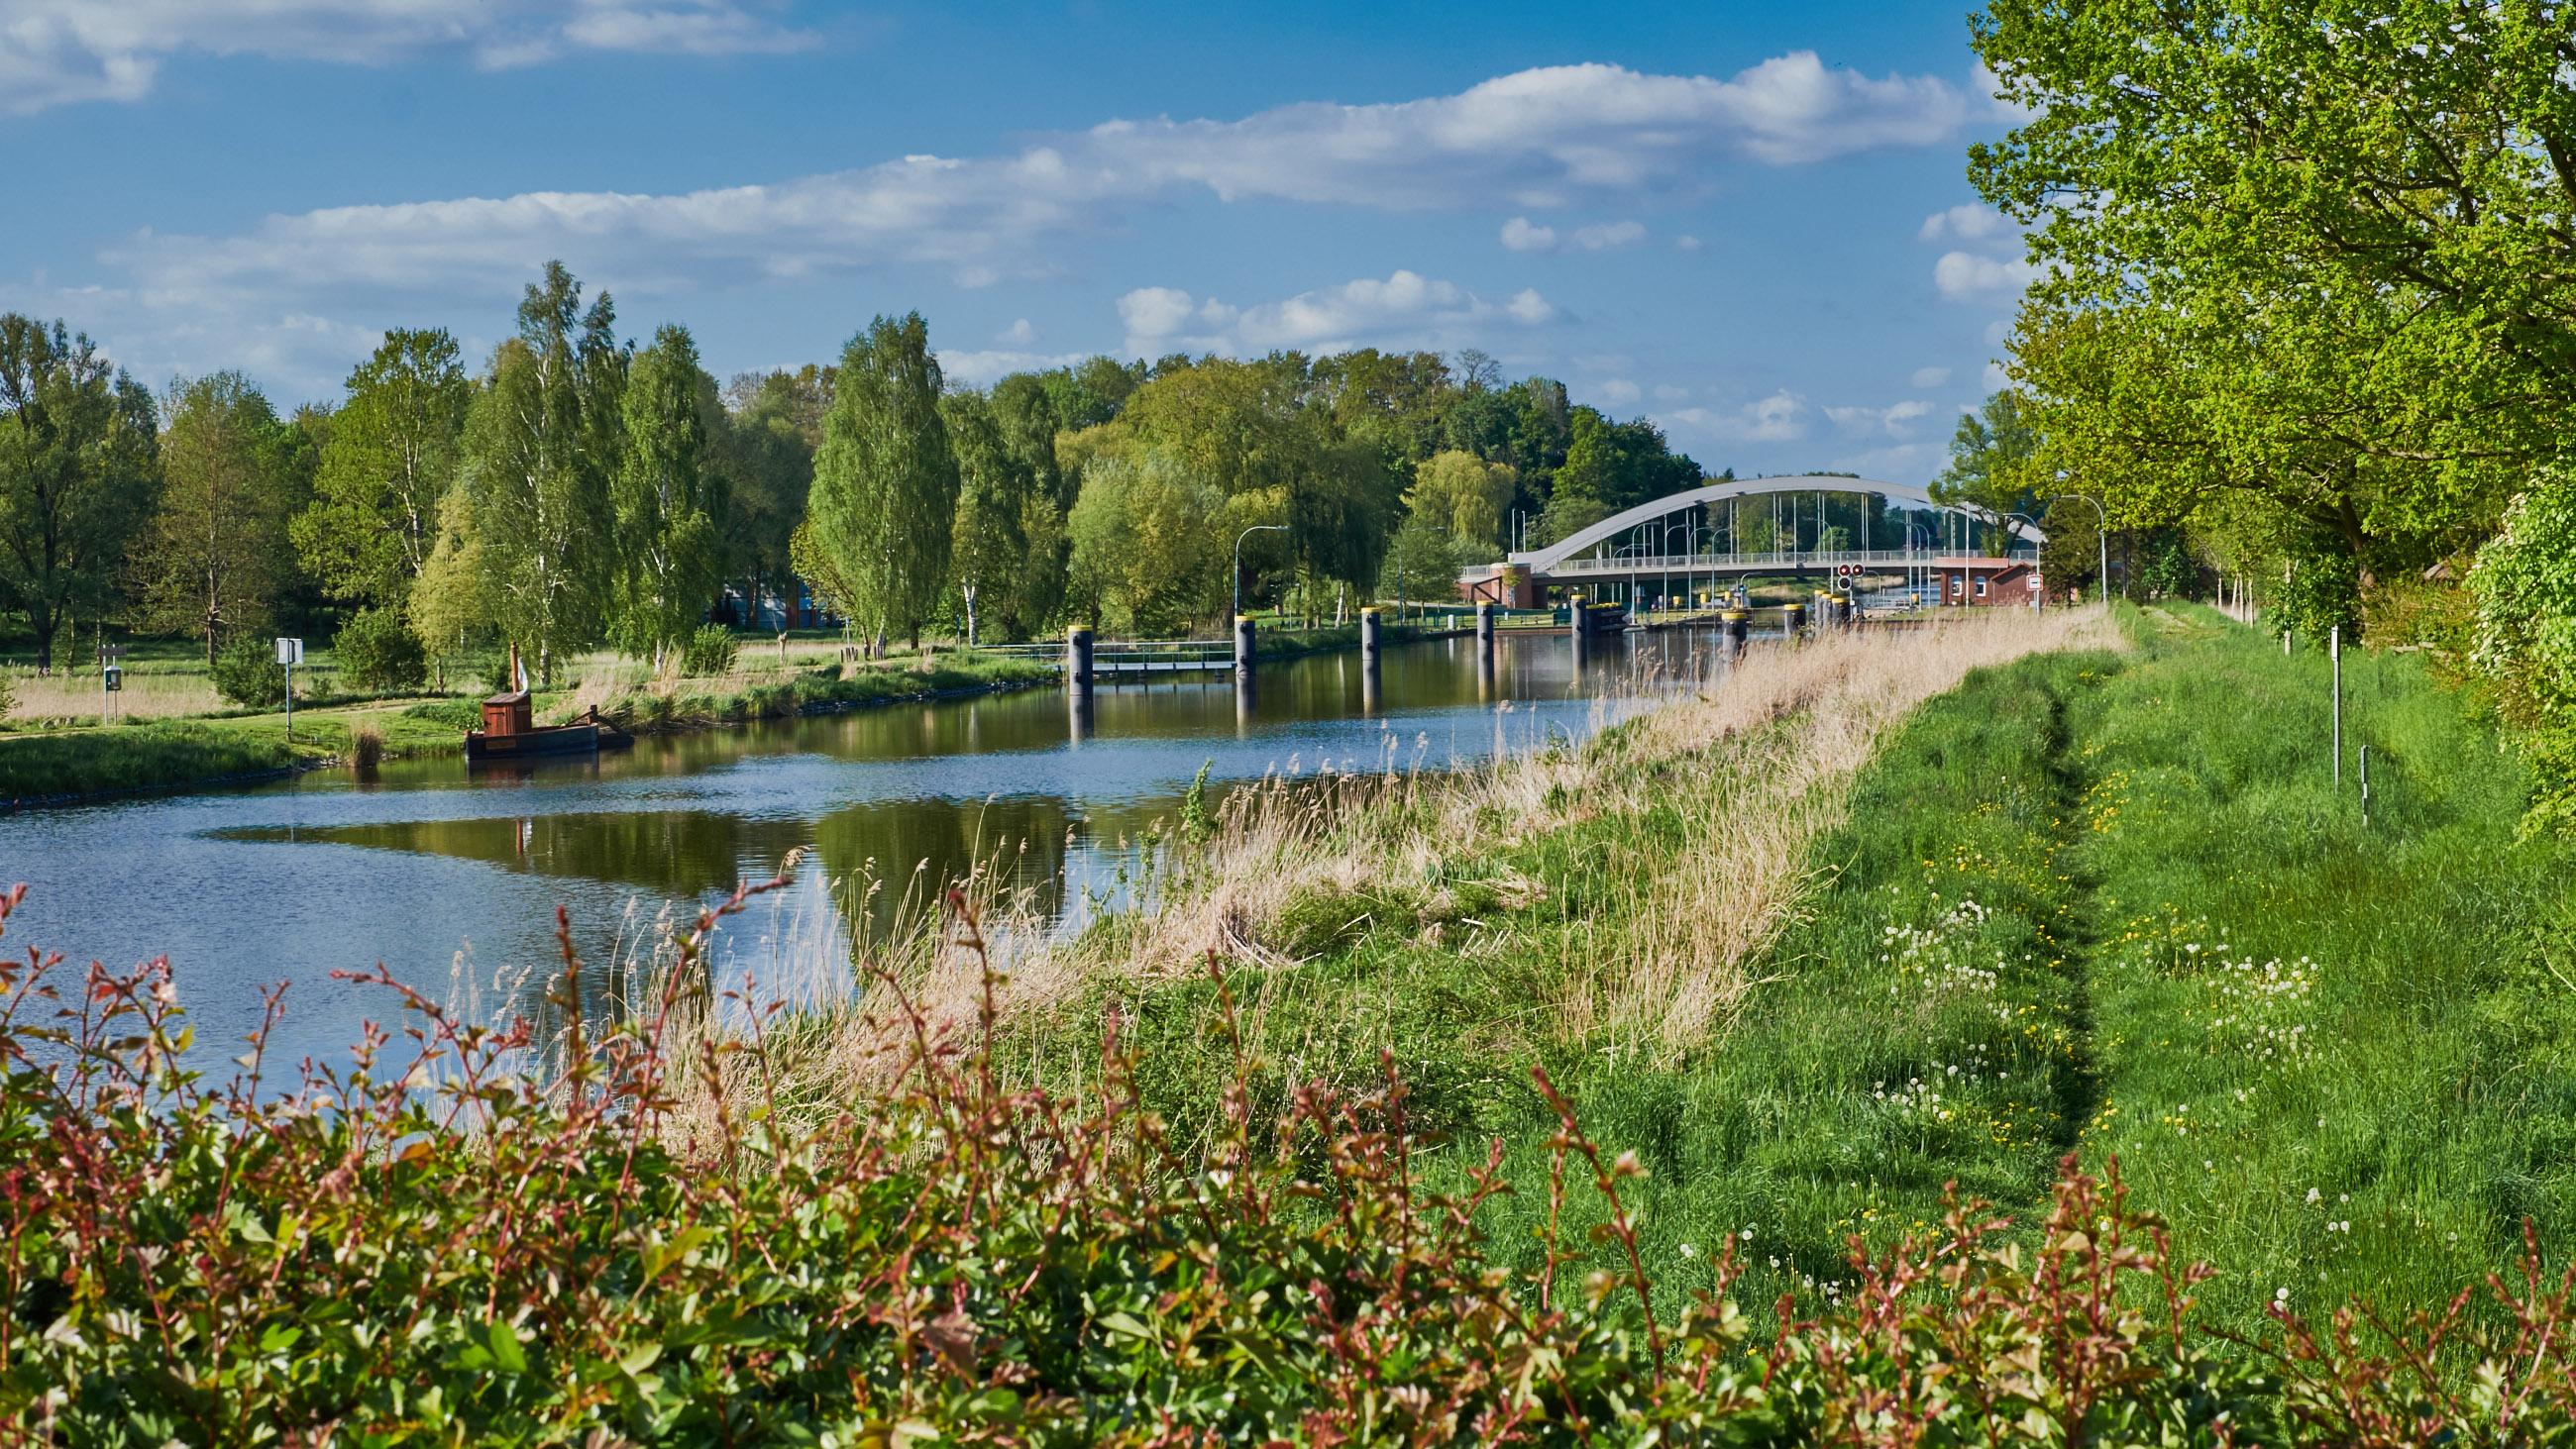 Stiftung Herzogtum Lauenburg Informiert: Kultursommer Am Kanal